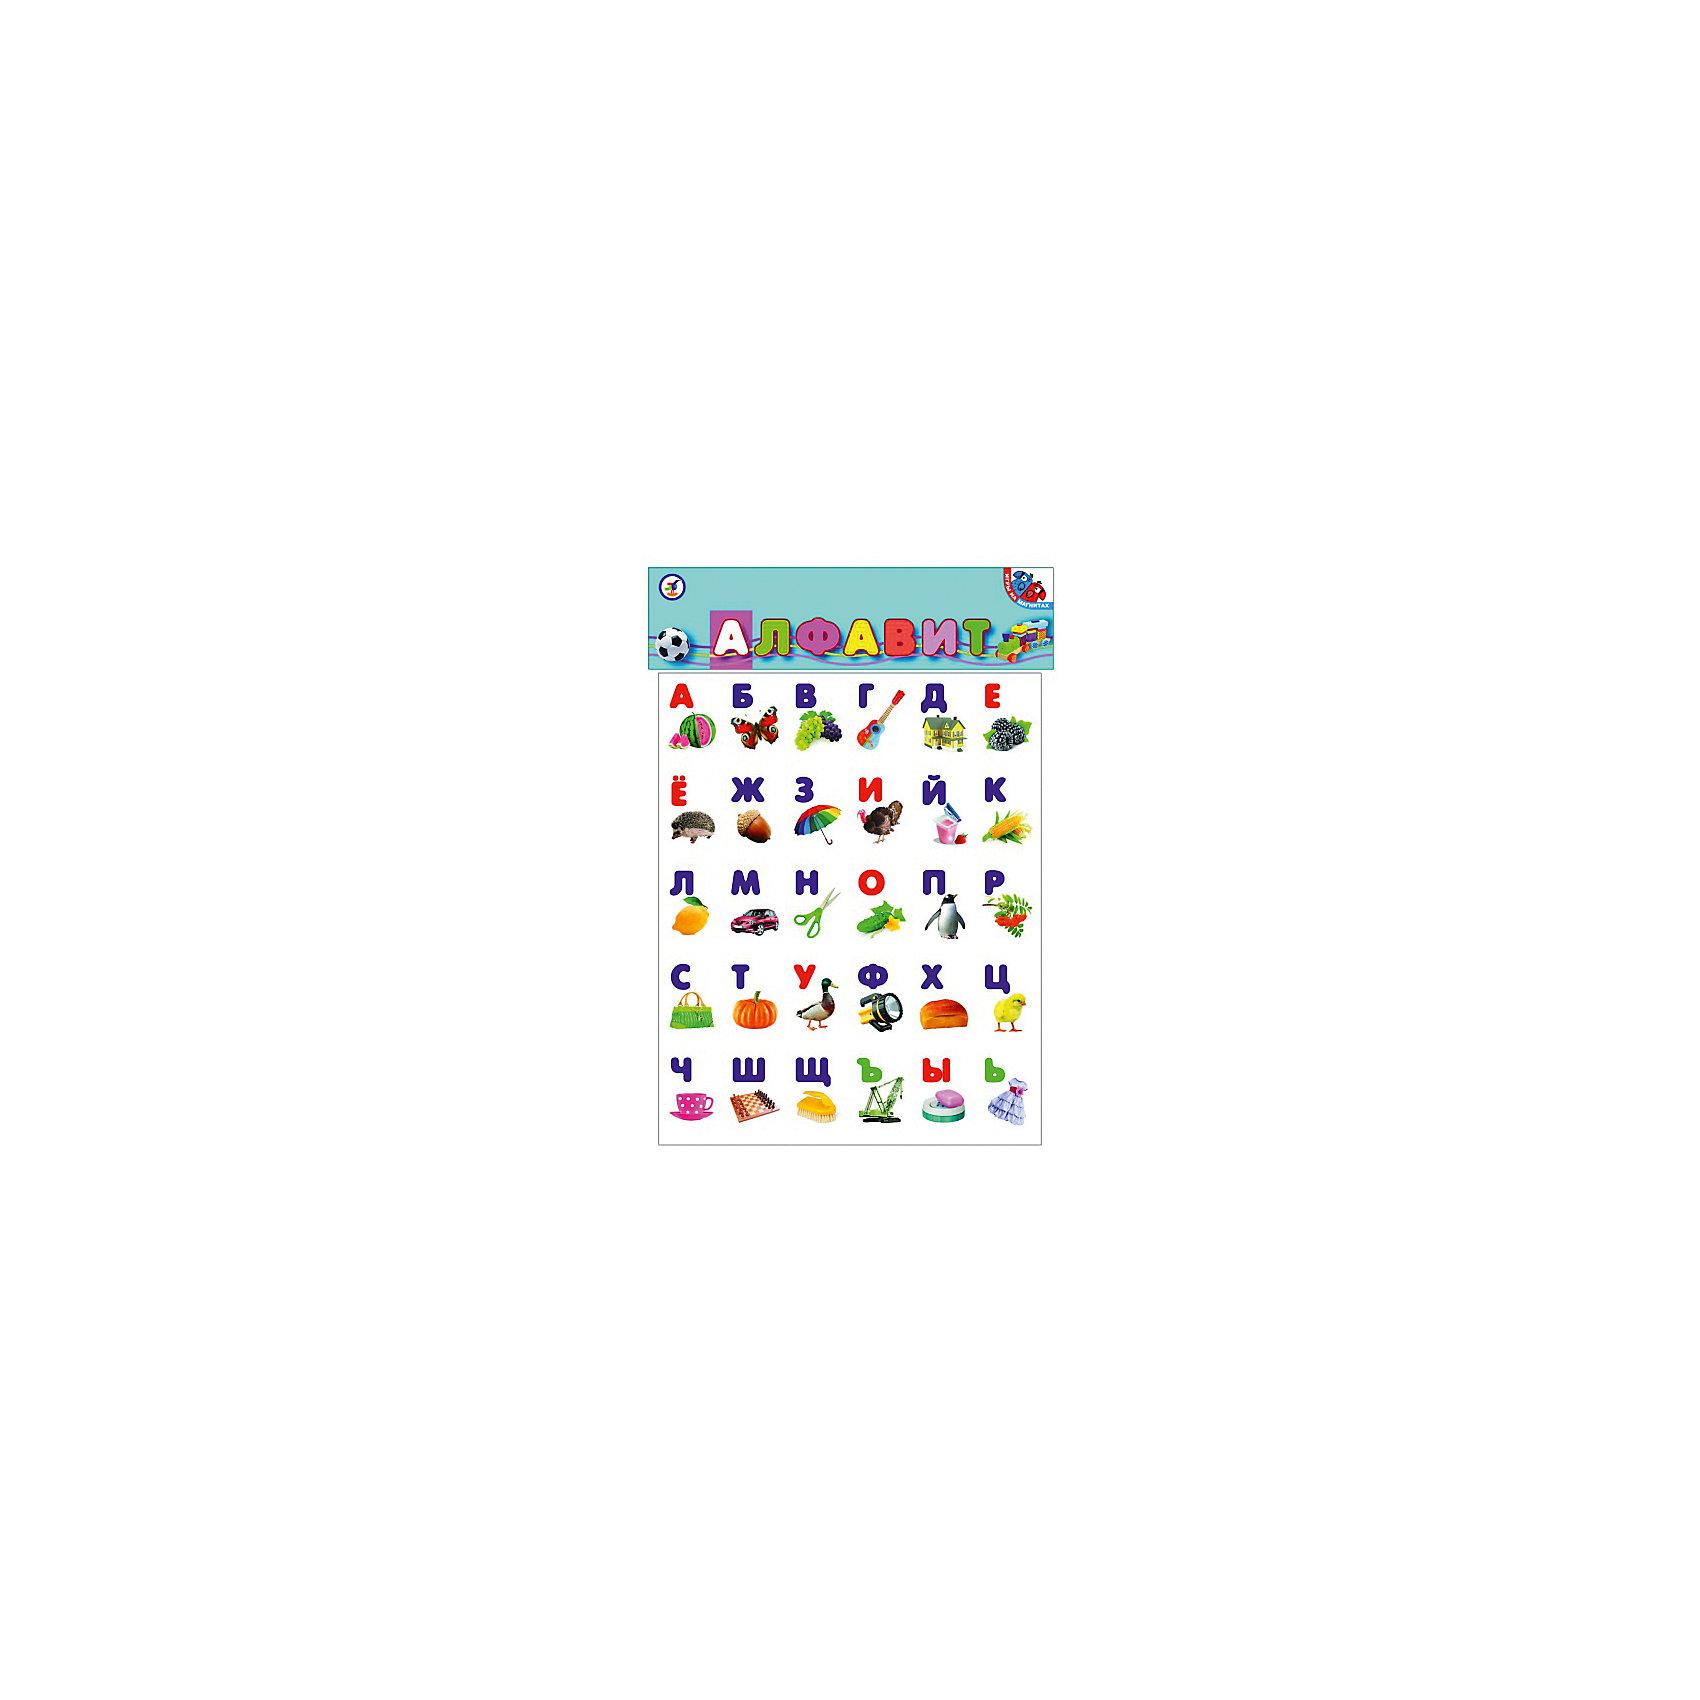 Алфавит на магнитеУчимся читать<br>С этим магнитным алфавитом ваш ребенок без труда выучит буквы и сможет составлять свои первые слова. На лицевой стороне карточек изображена буква с изображением. Карточки можно прикрепить к любой металлической поверхности, составлять из них слова, слоги, придумывать различные игры. Яркие, красочные картинки обязательно привлекут внимание малышей. Простые и понятные рисунки создают нужные зрительные образы, что способствует лучшему запоминанию букв. <br><br>Дополнительная информация:<br><br>- Материал: картон, бумага, магниторезина.<br>- Размер упаковки: 29х36 см.<br>- Яркие картинки. <br><br>Алфавит на магните можно купить в нашем магазине.<br><br>Ширина мм: 500<br>Глубина мм: 25<br>Высота мм: 525<br>Вес г: 500<br>Возраст от месяцев: 48<br>Возраст до месяцев: 84<br>Пол: Унисекс<br>Возраст: Детский<br>SKU: 4293361